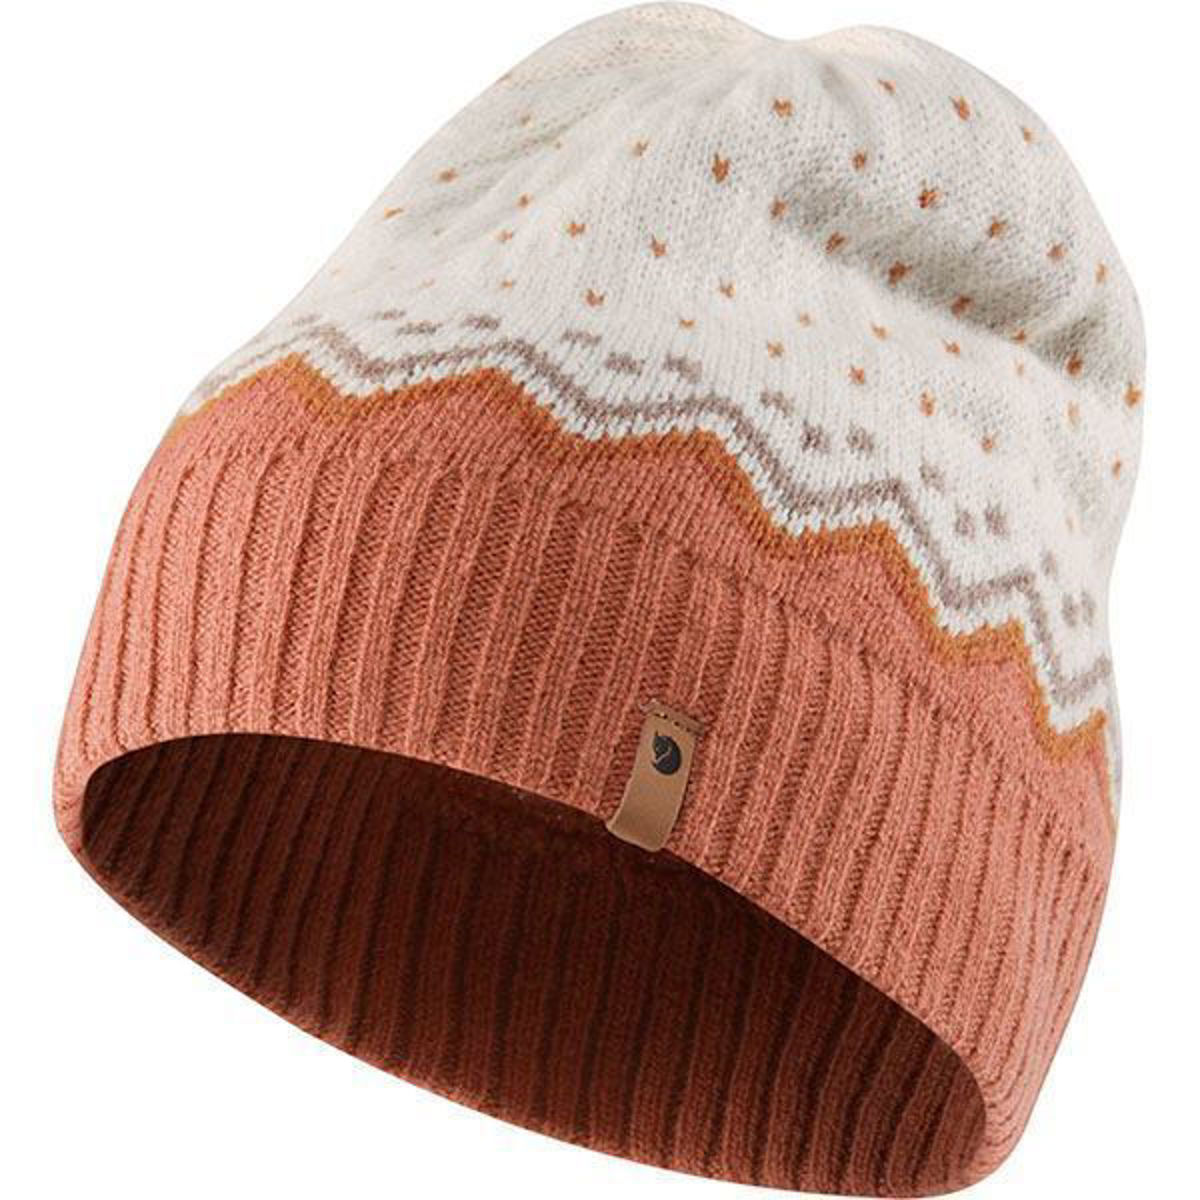 Bilde av Övik Knit Hat